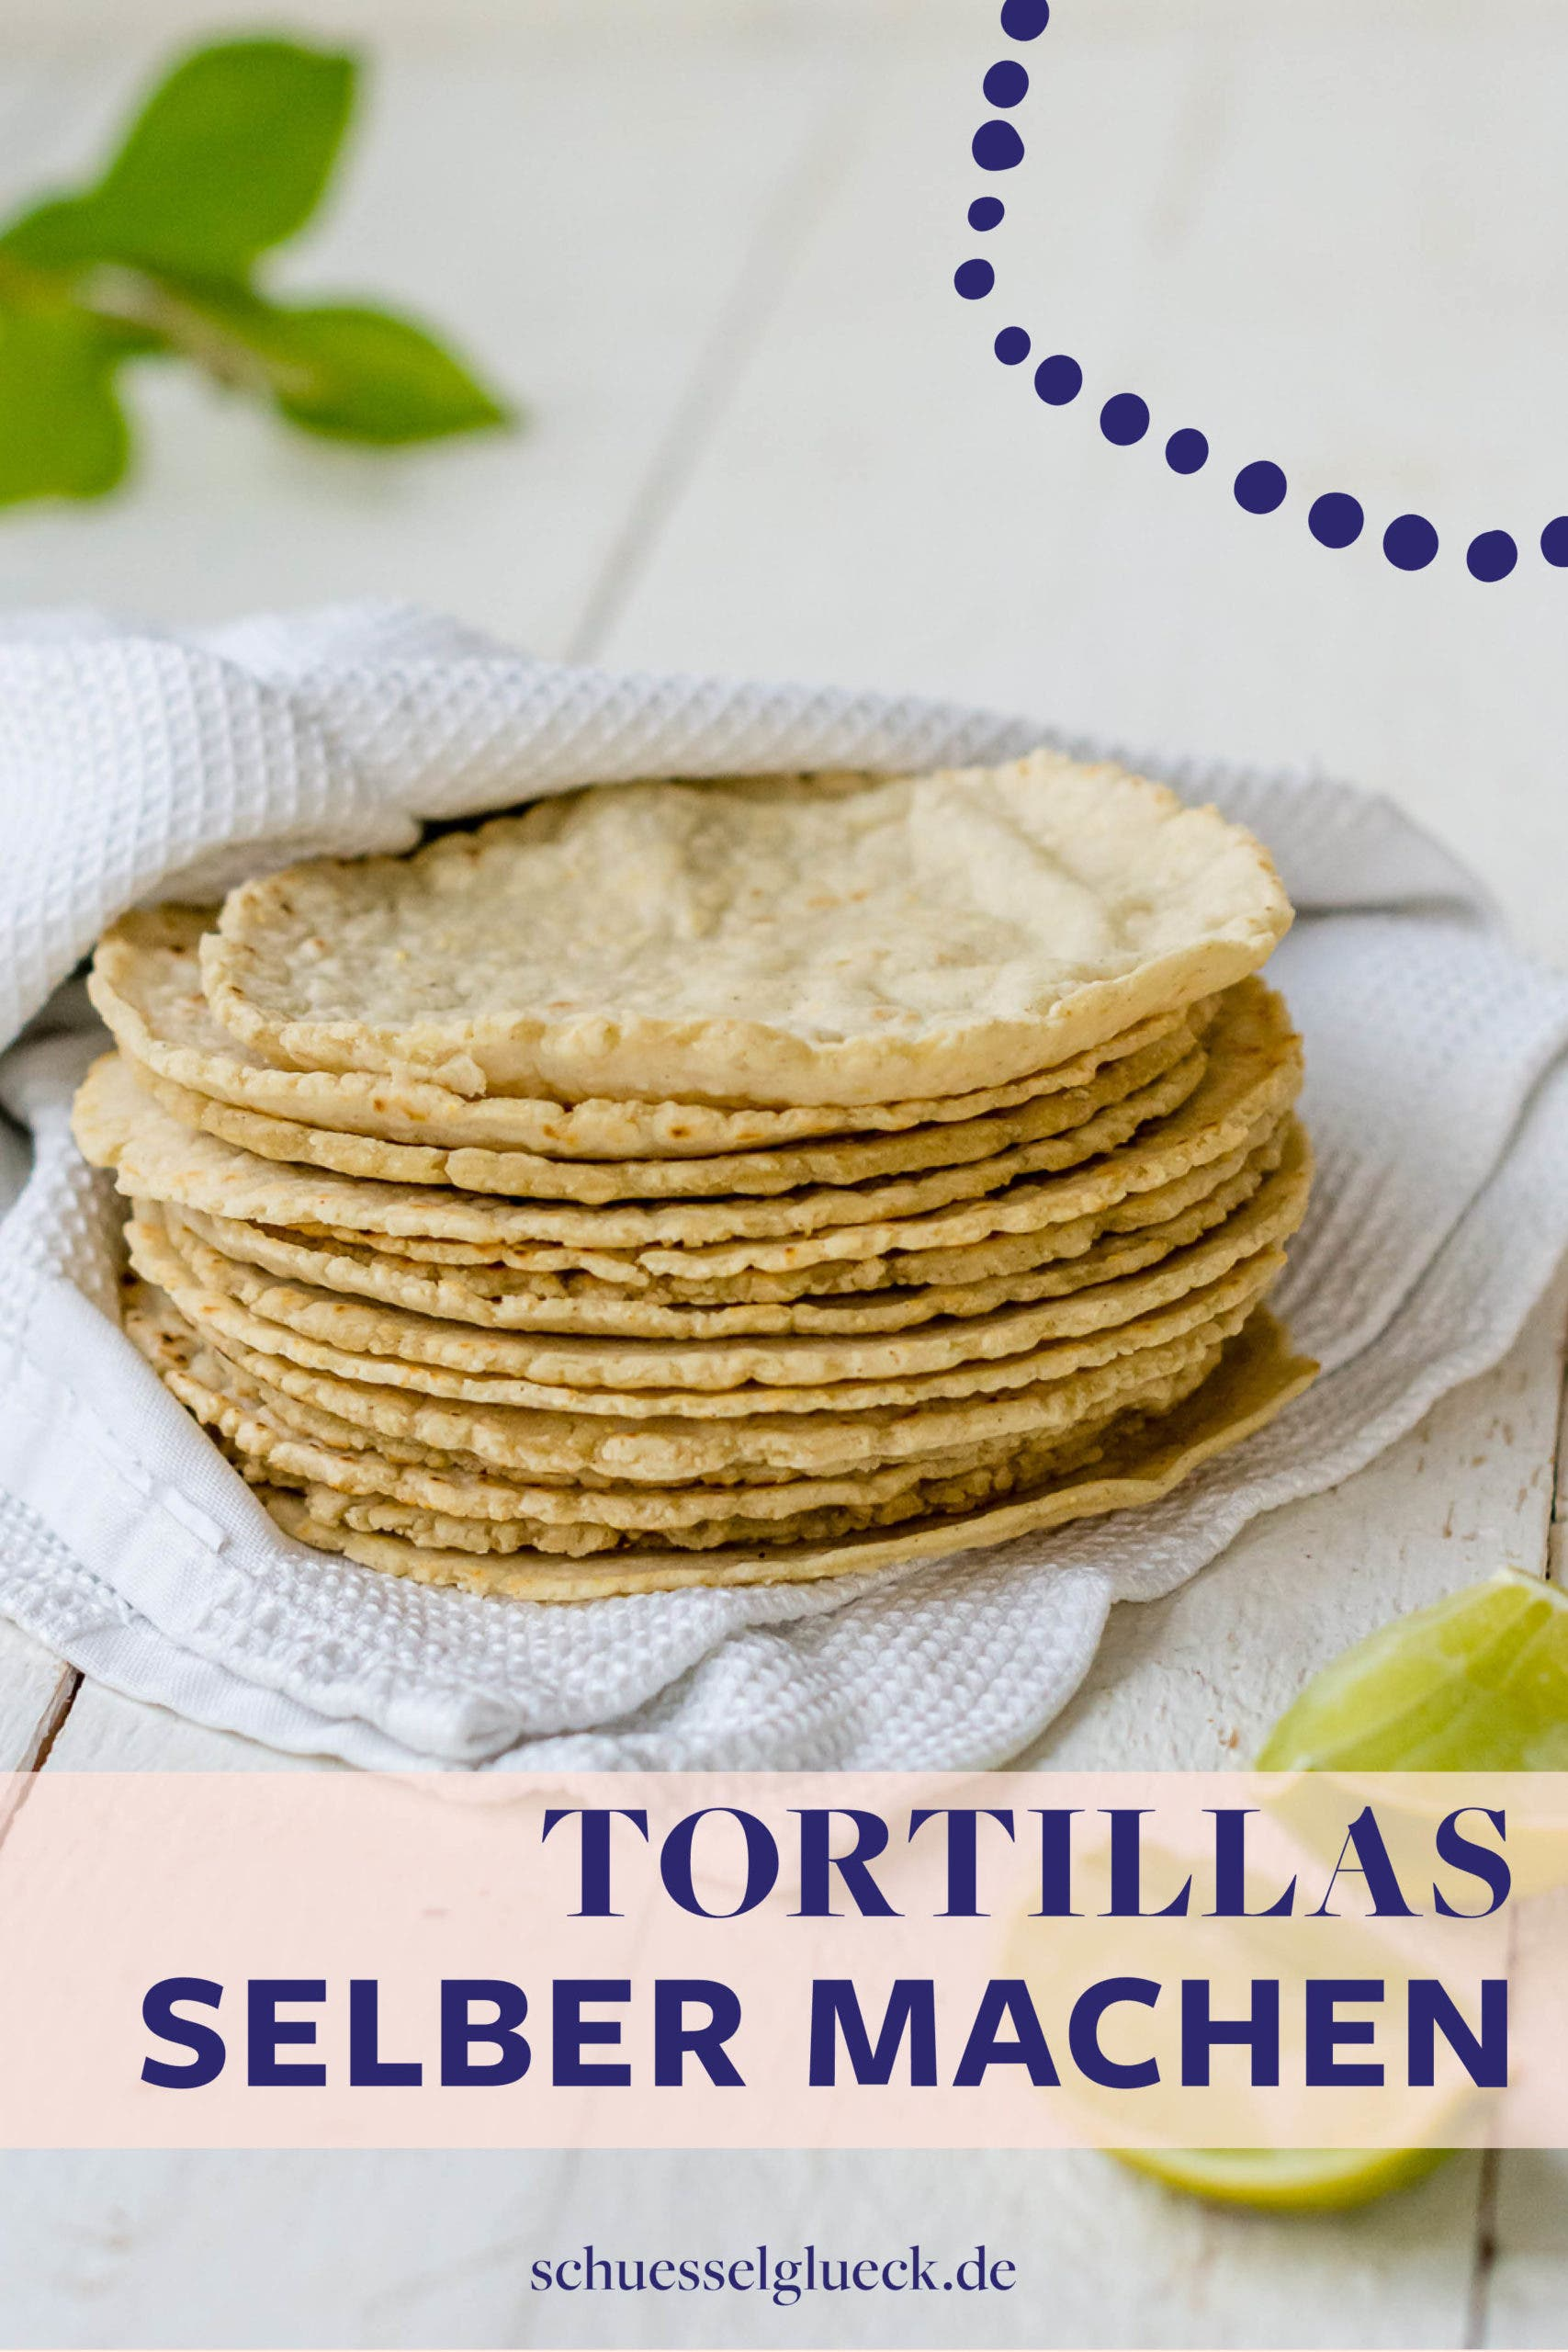 Tortillas aus Maismehl wie in Mexiko selber machen – mit Schritt für Schritt Anleitung!